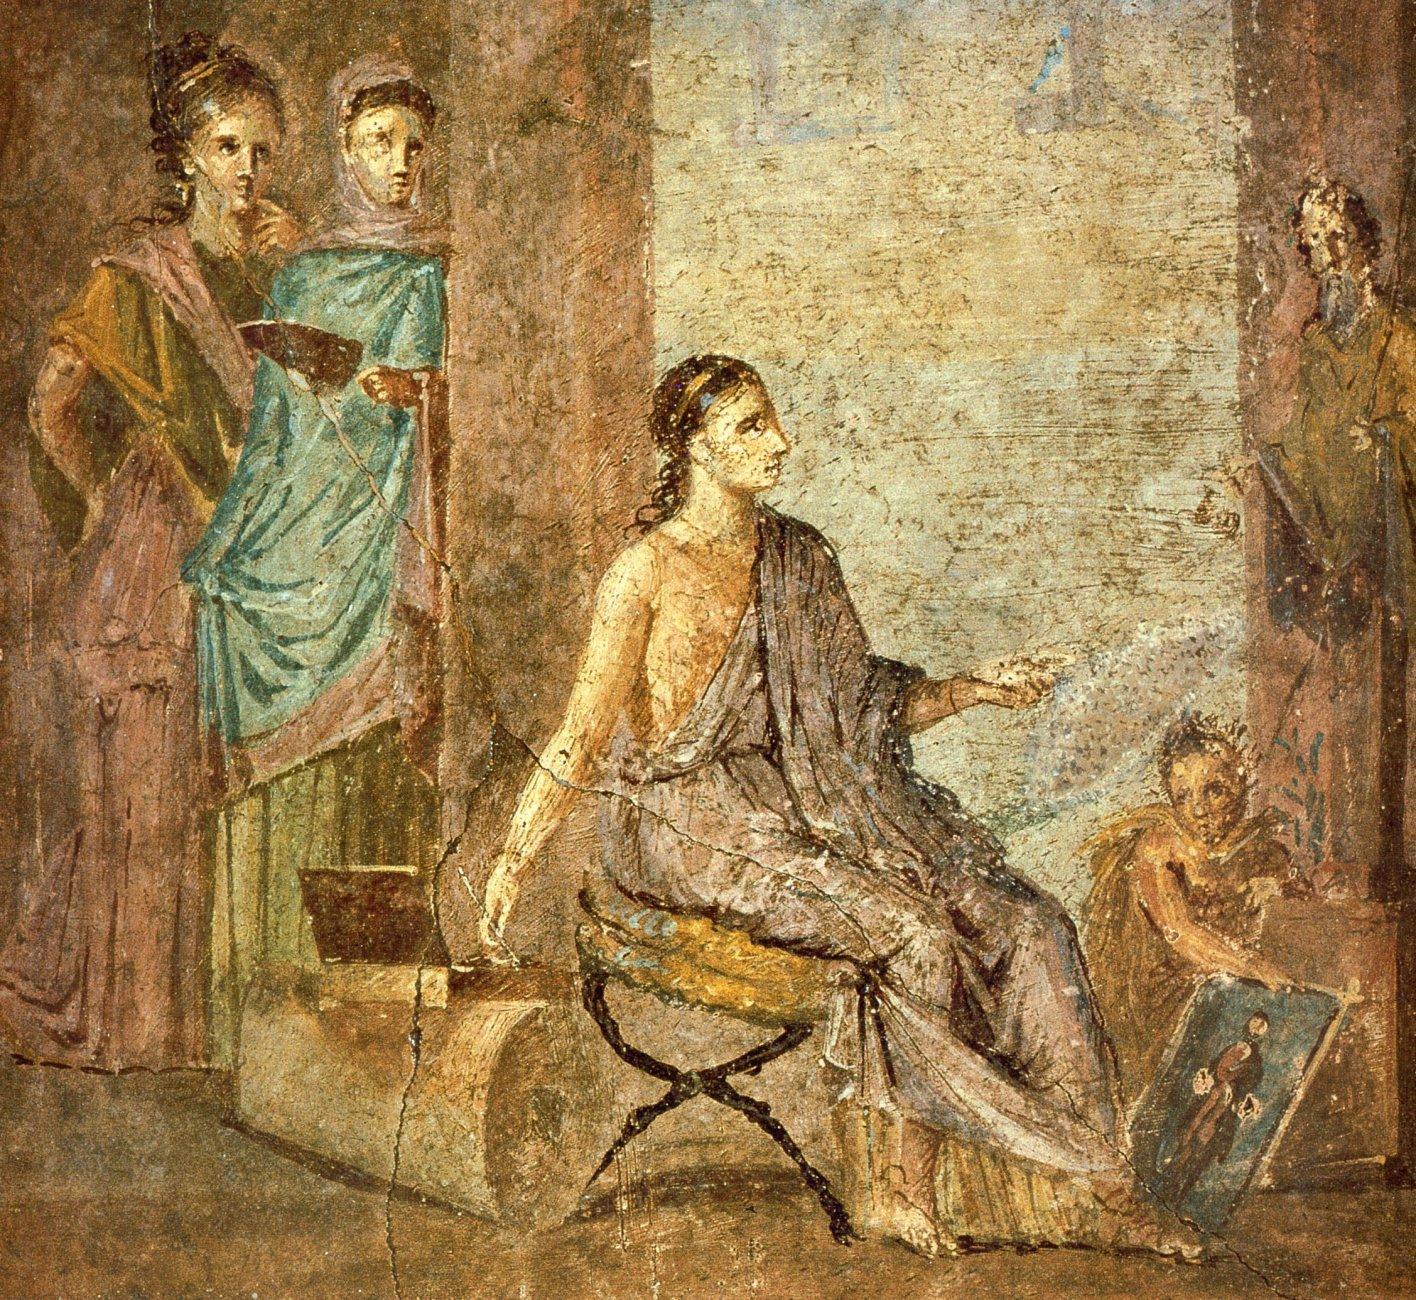 Pompeii_-_Casa_del_Chirurgo_-_Paintress_-_MAN.jpg